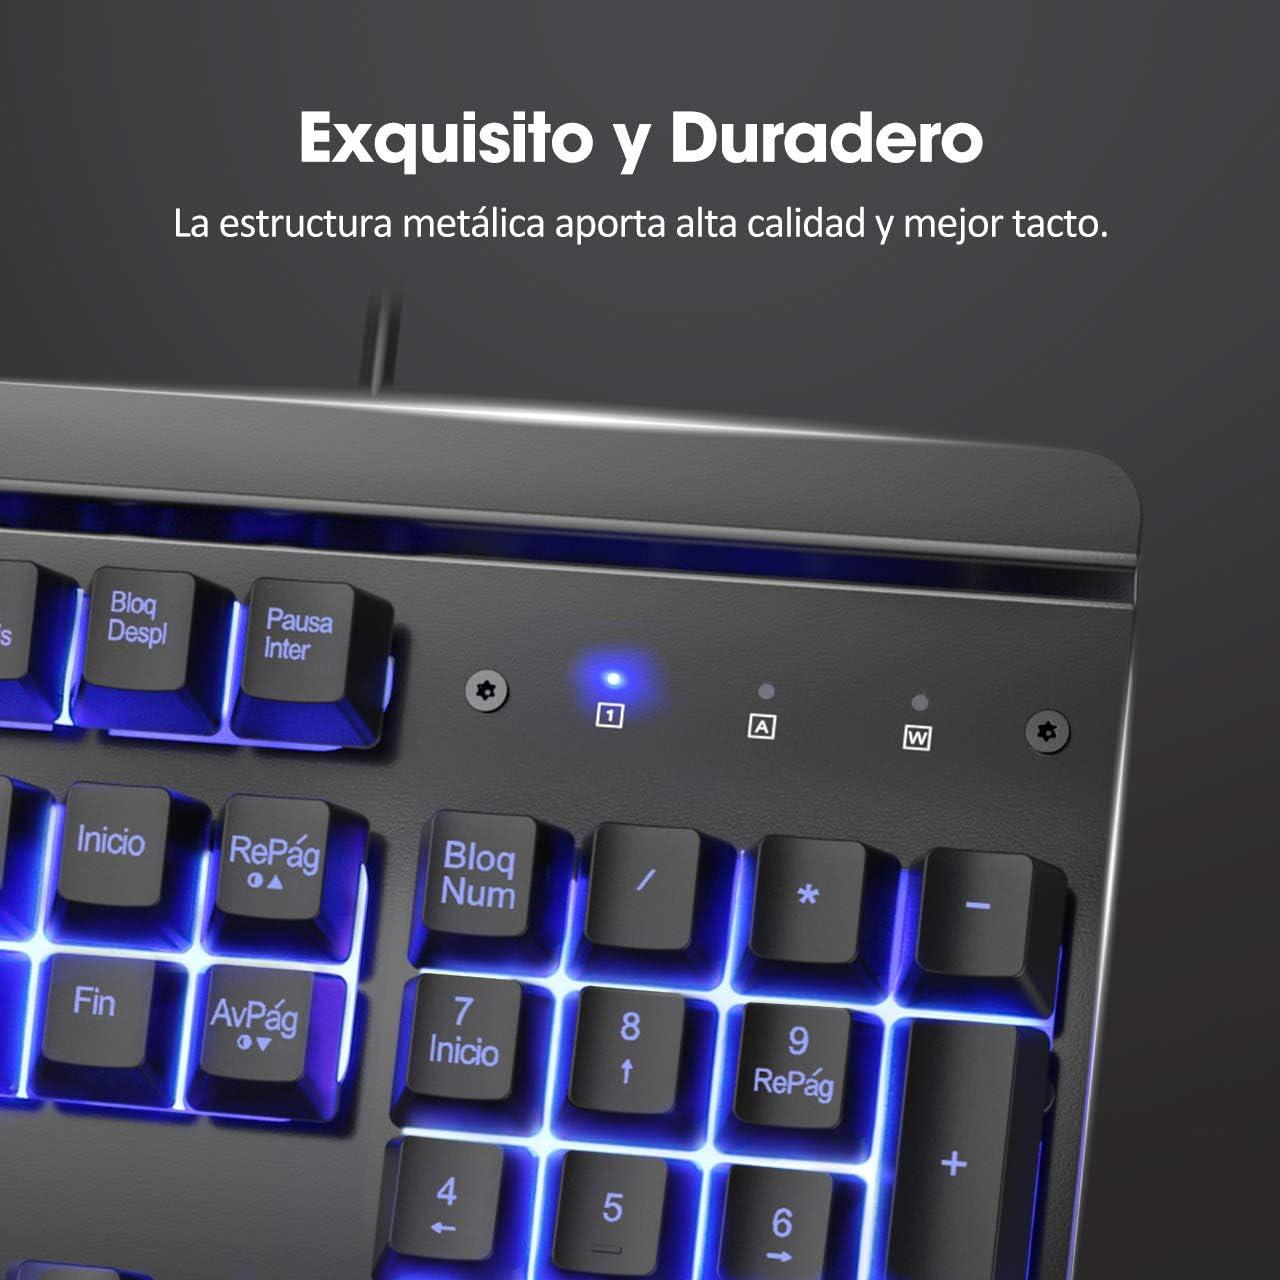 PICTEK Teclado Gaming, Teclado Gaming PC LED Retroiluminación con Cable Teclado, 12 Atajos Multimedia, 19 Anti-Ghosting, Teclado USB de 1,6 M, Teclado ...